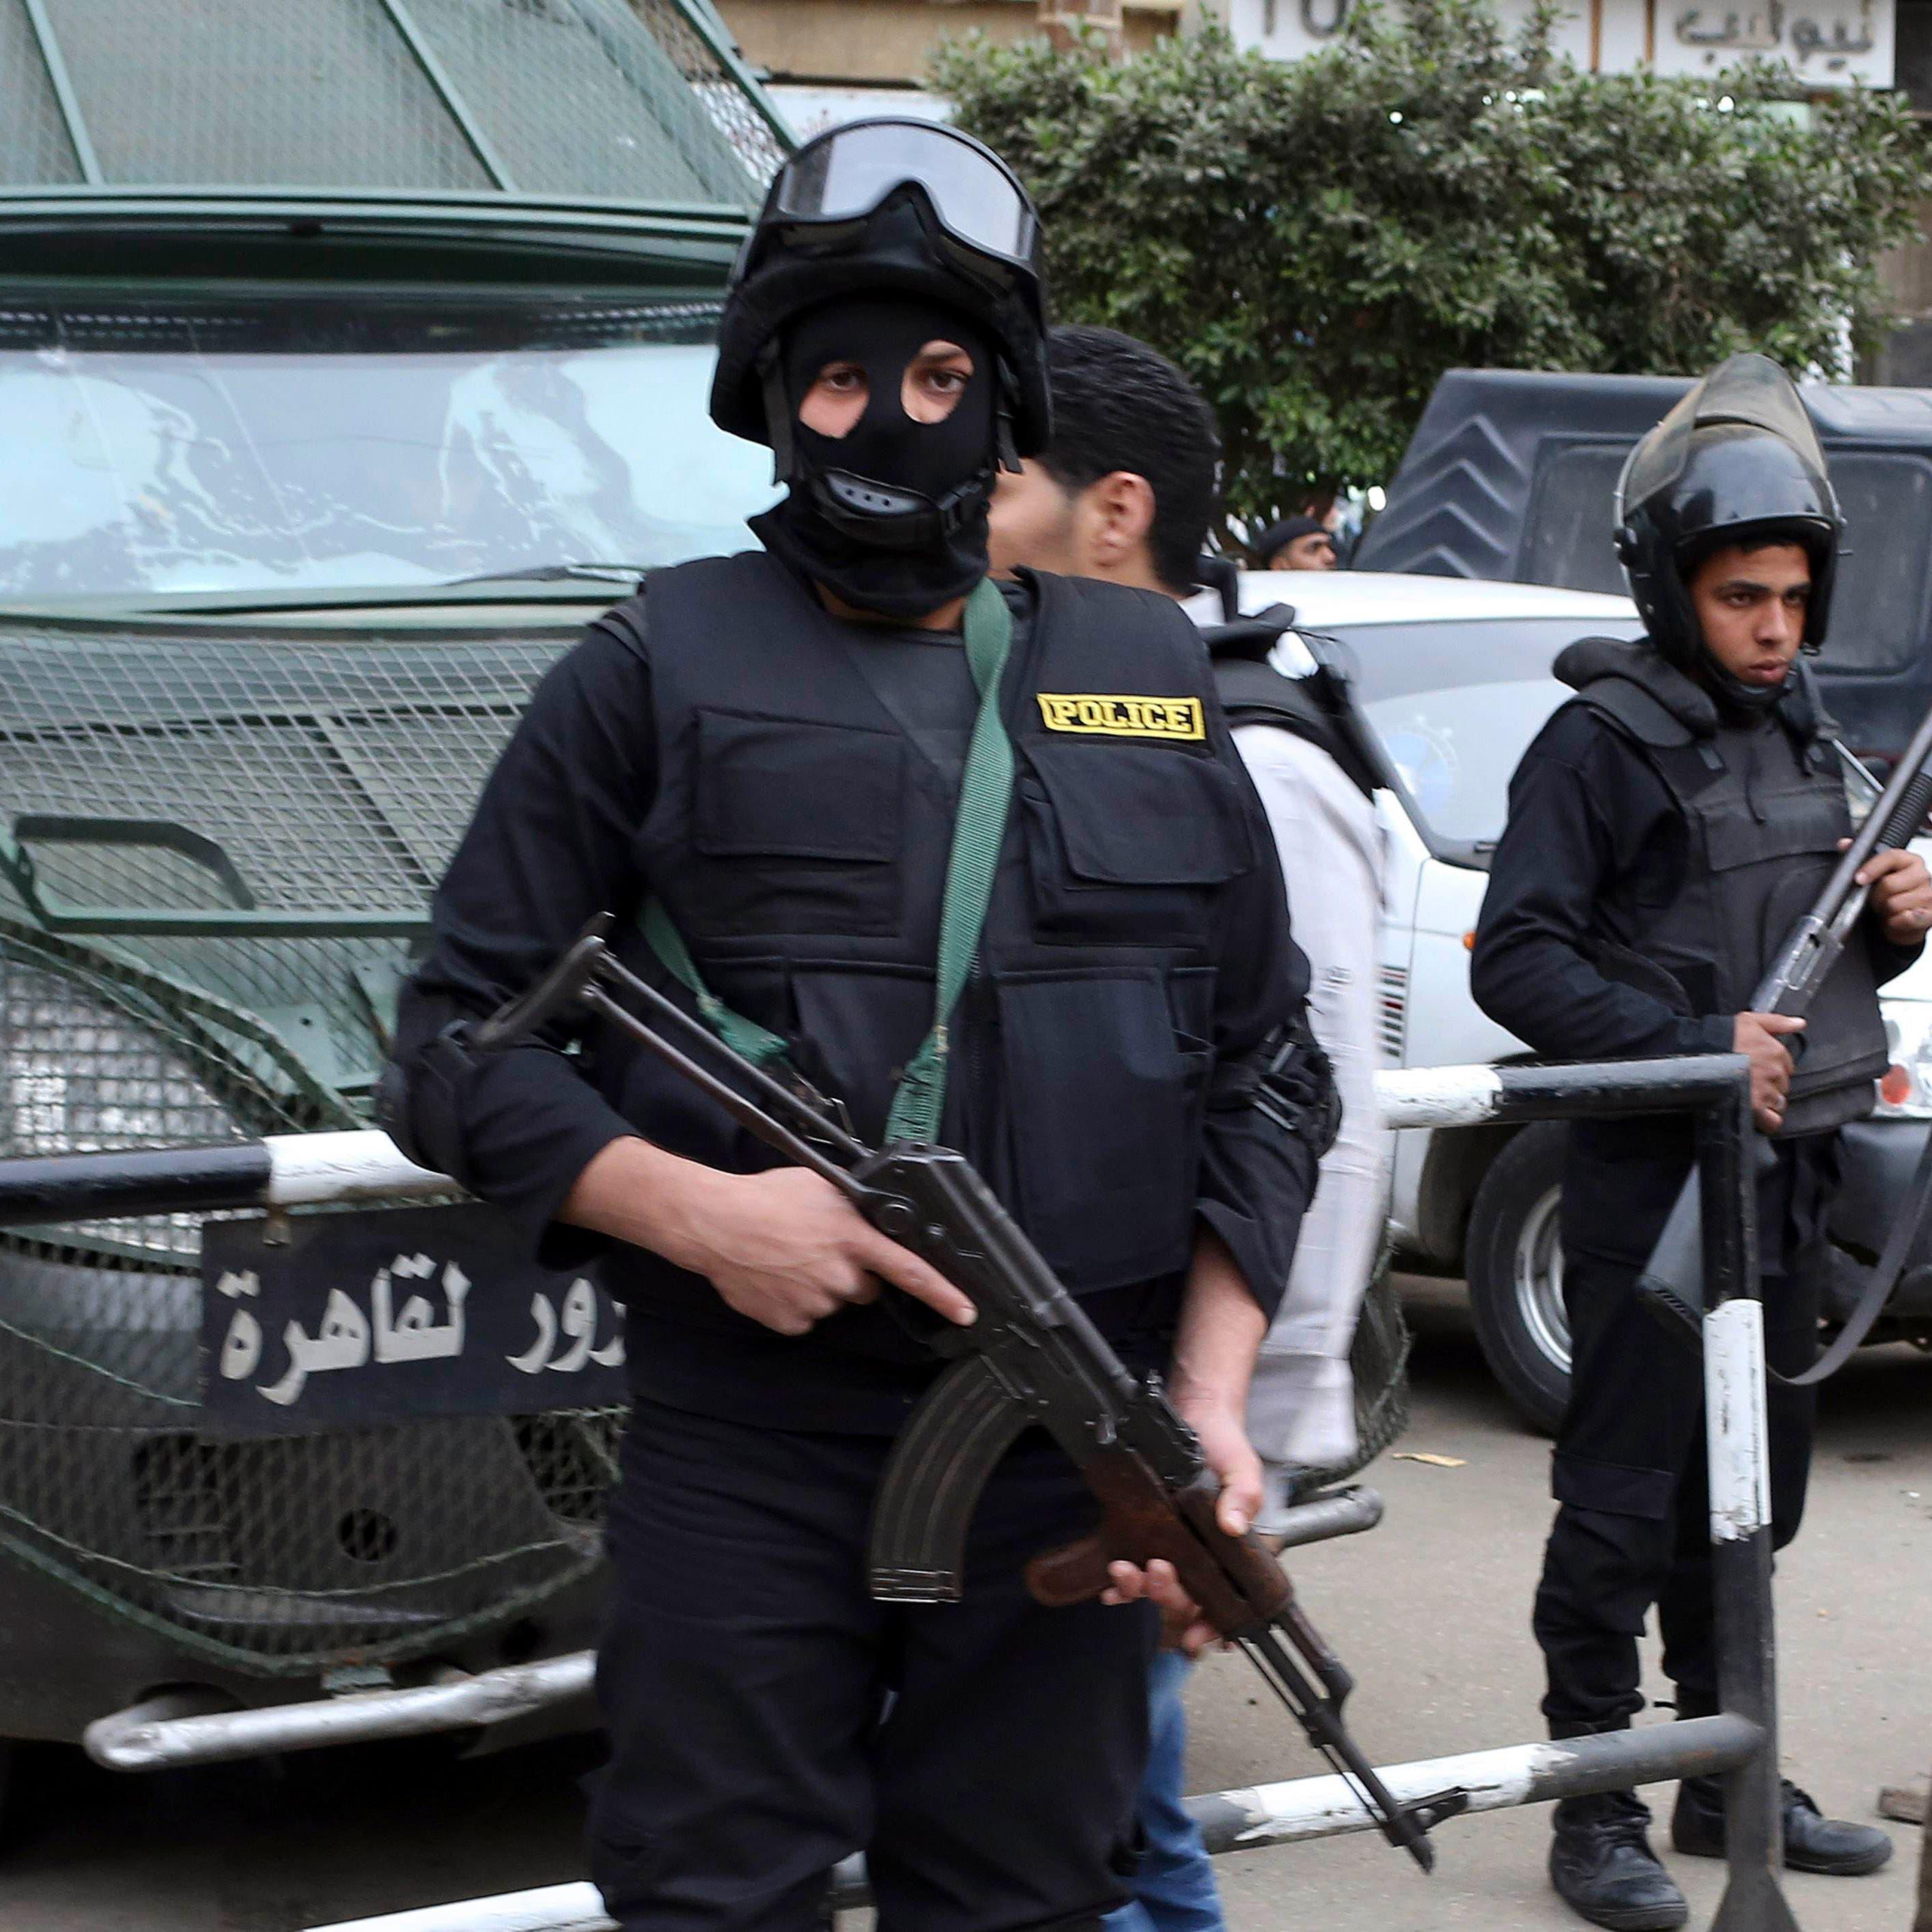 ضبط رجل أعمال مصري يزرع المخدرات بحديقة فيلته